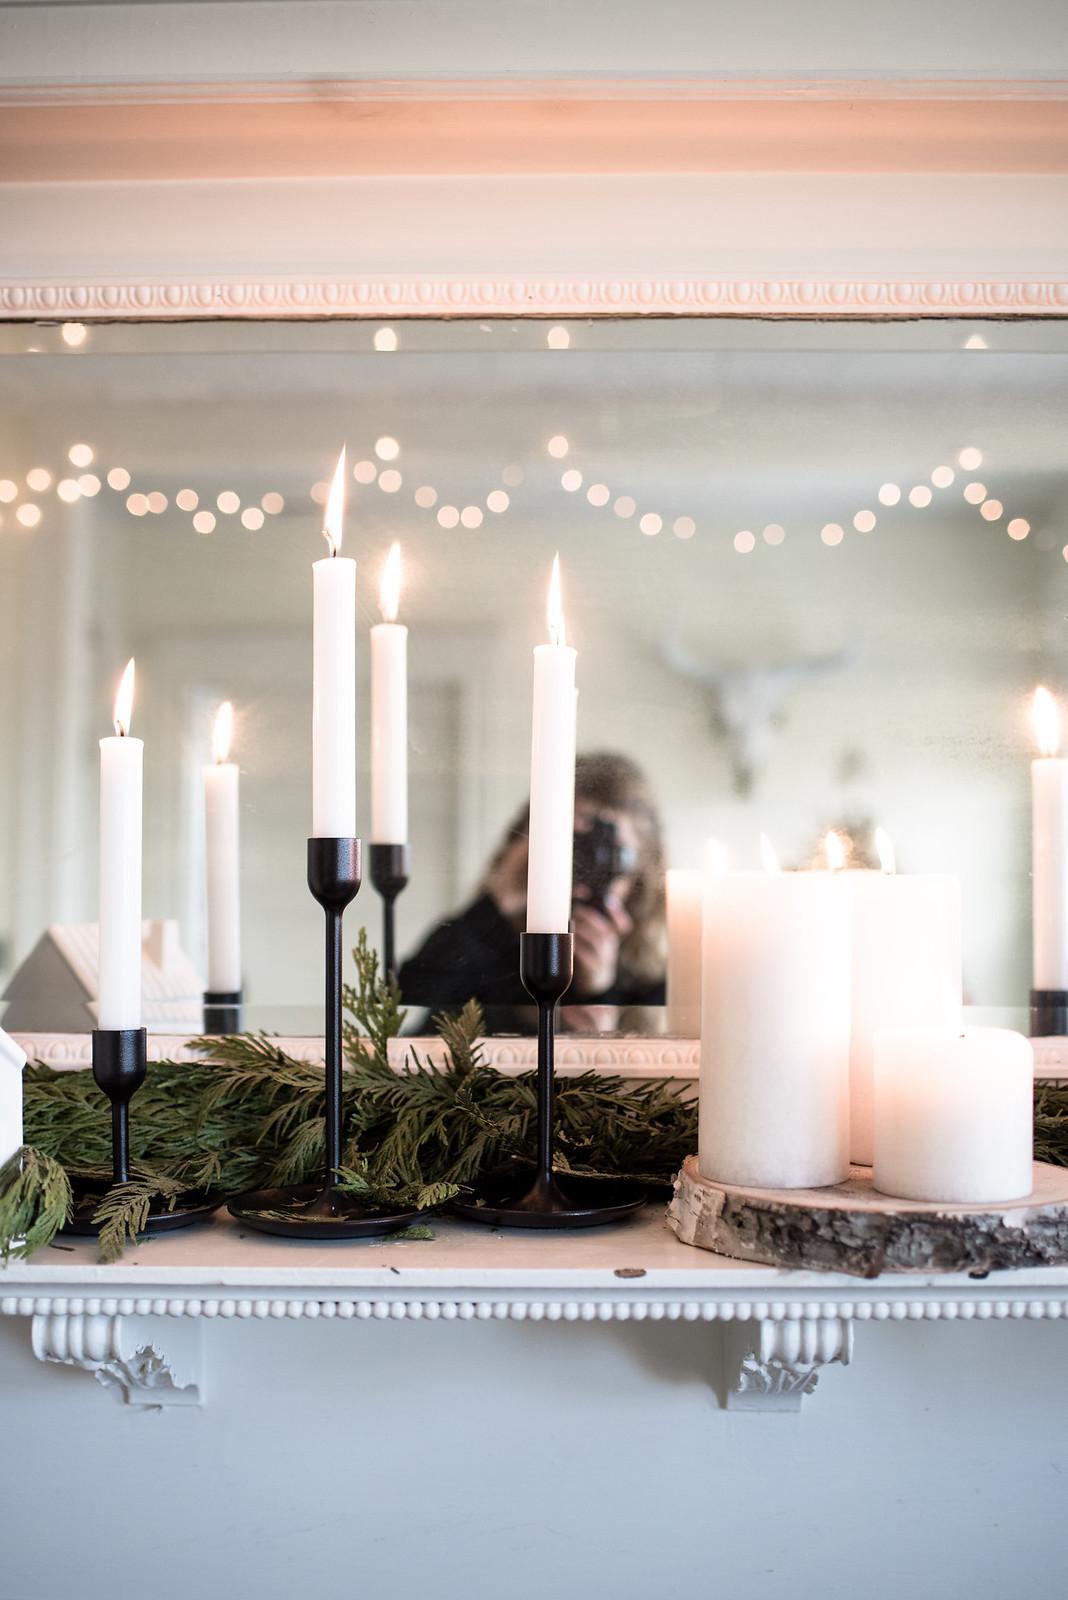 Christmas Candles on juliettelaura.blogspot.com